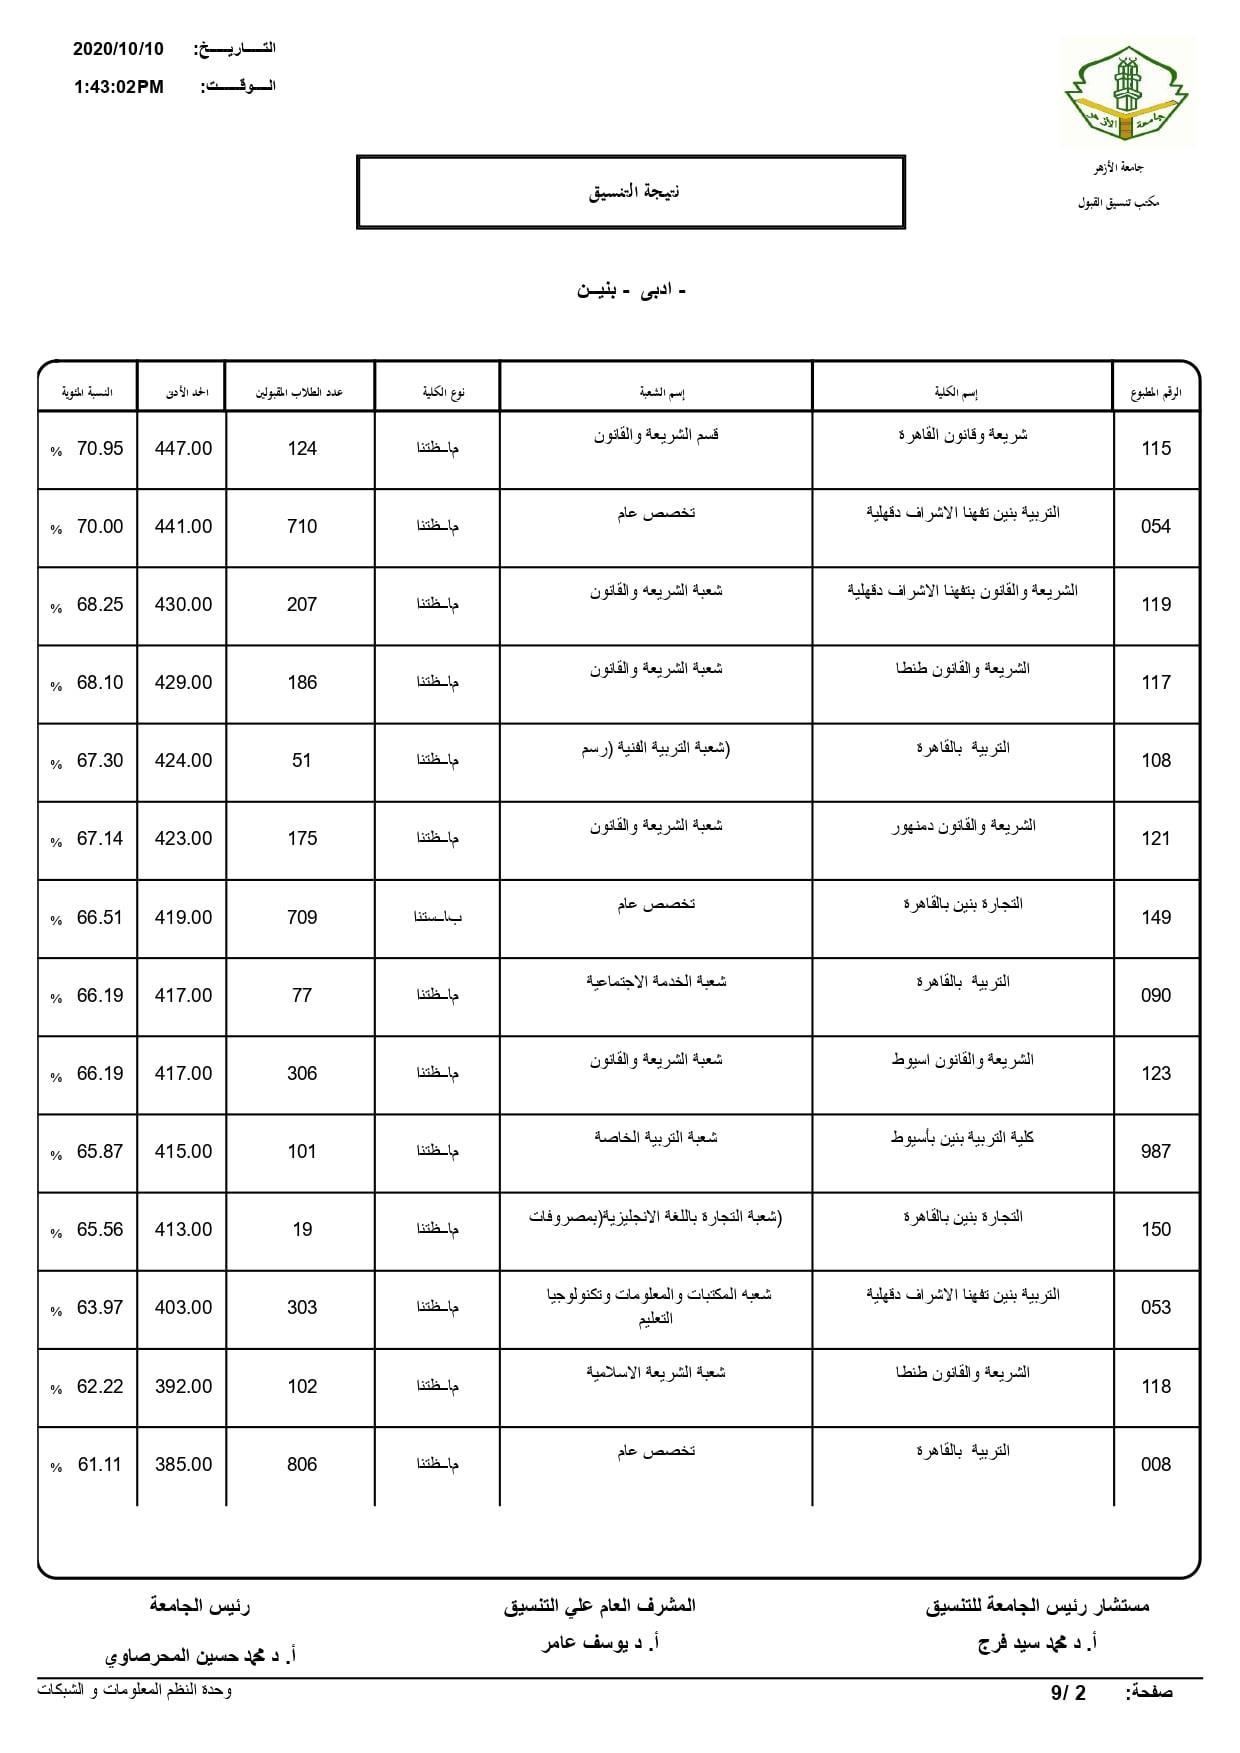 نتيجة تنسيق كليات جامعة الأزهر لعام 2020 بالكامل 20201010201649972